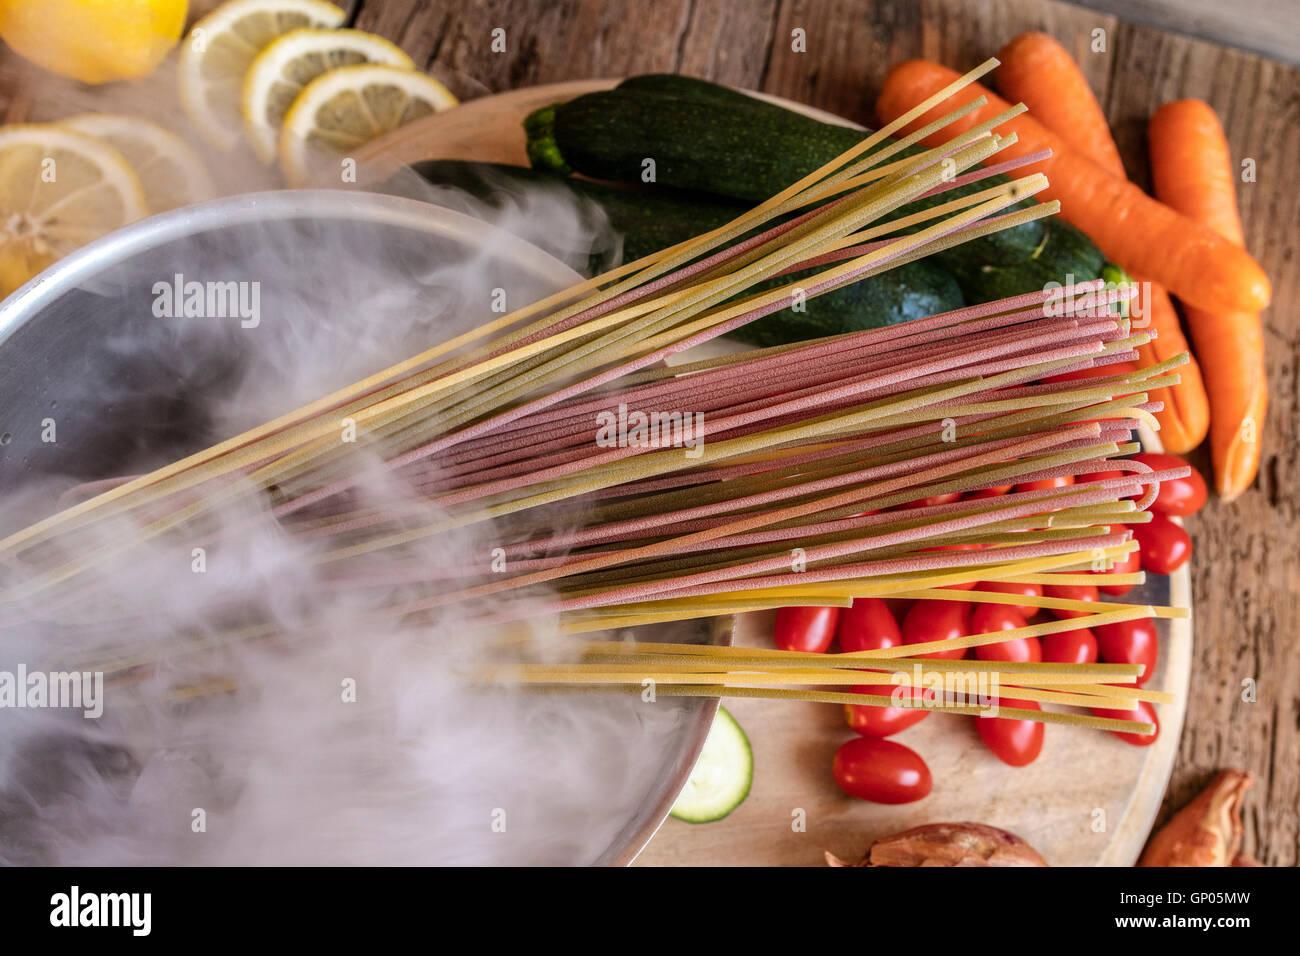 Colorés et spaghetti italien légumes frais comme ingrédients typiques de la cuisine italienne en bonne santé Banque D'Images